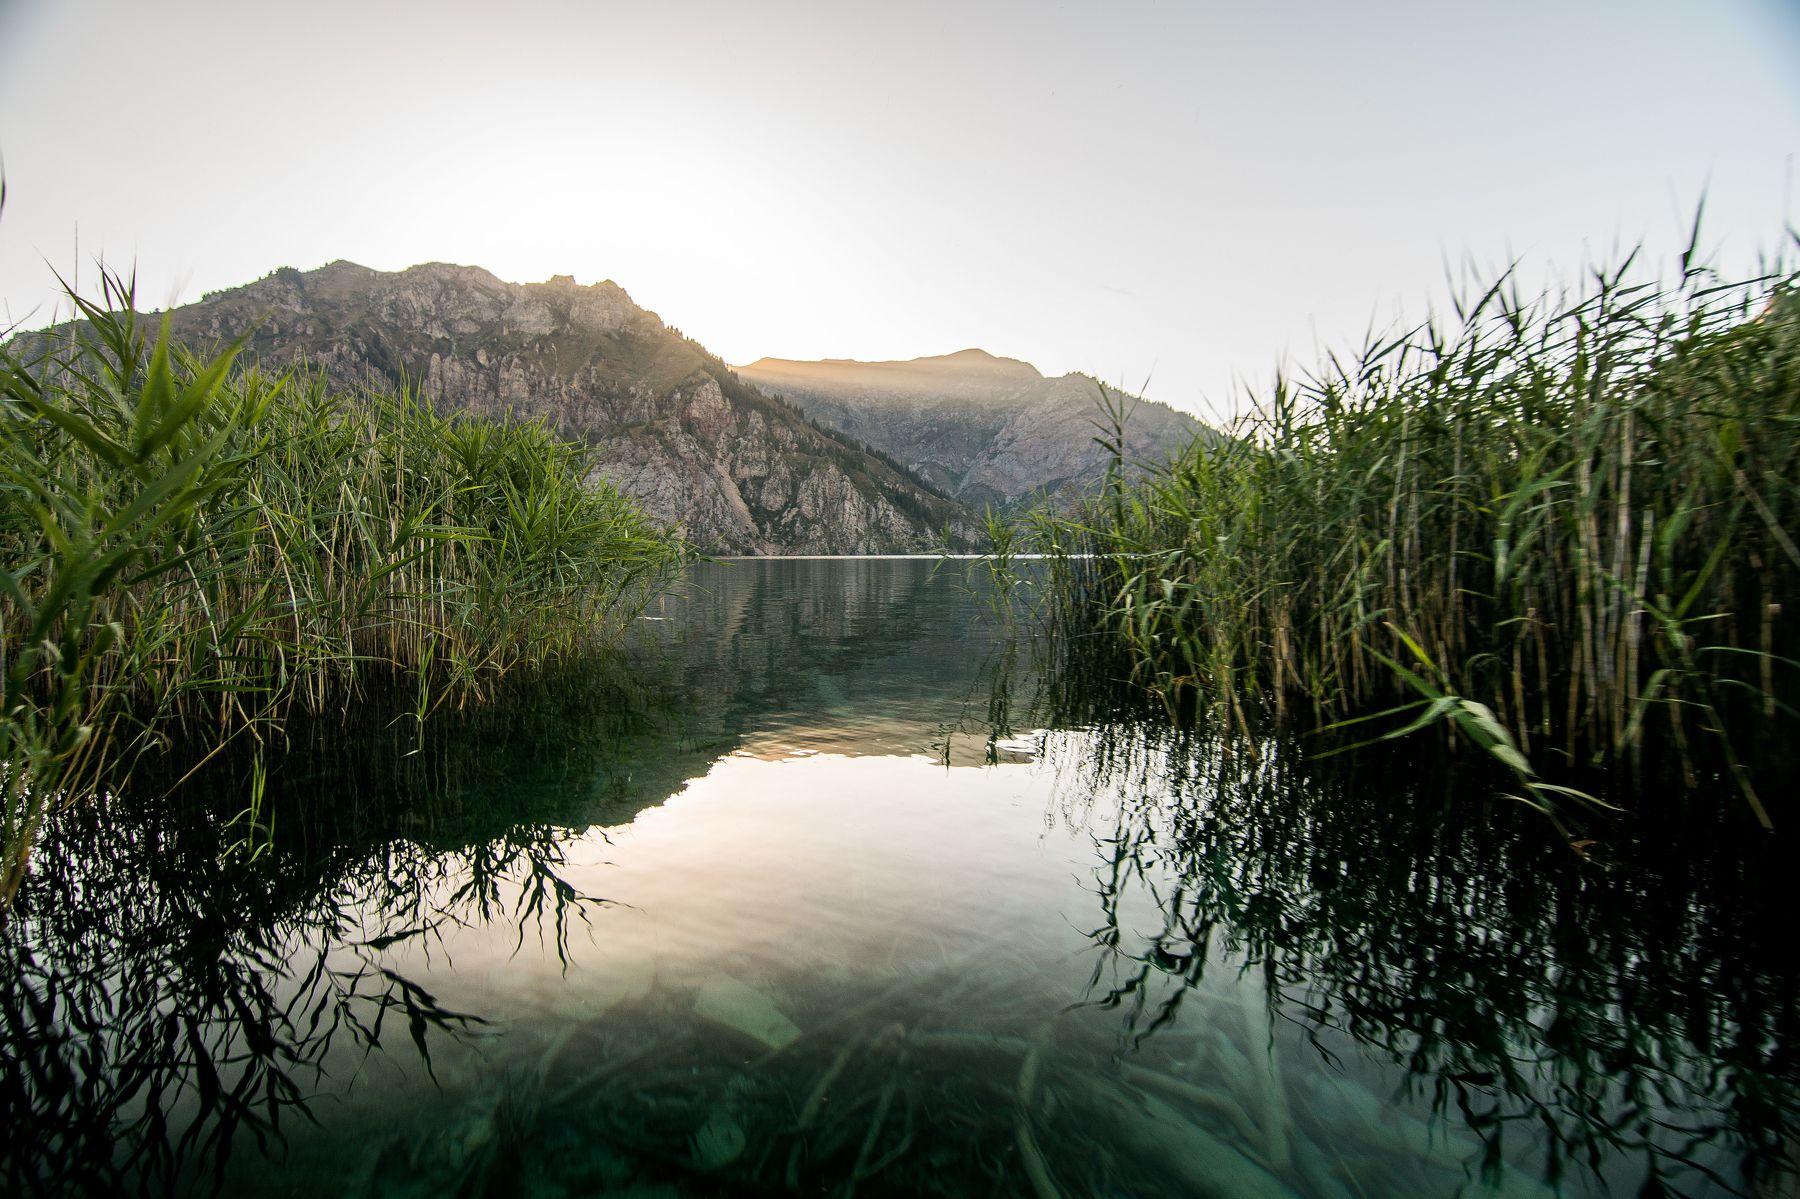 горы, природа, пейзаж, лето, озеро, вода, Василий